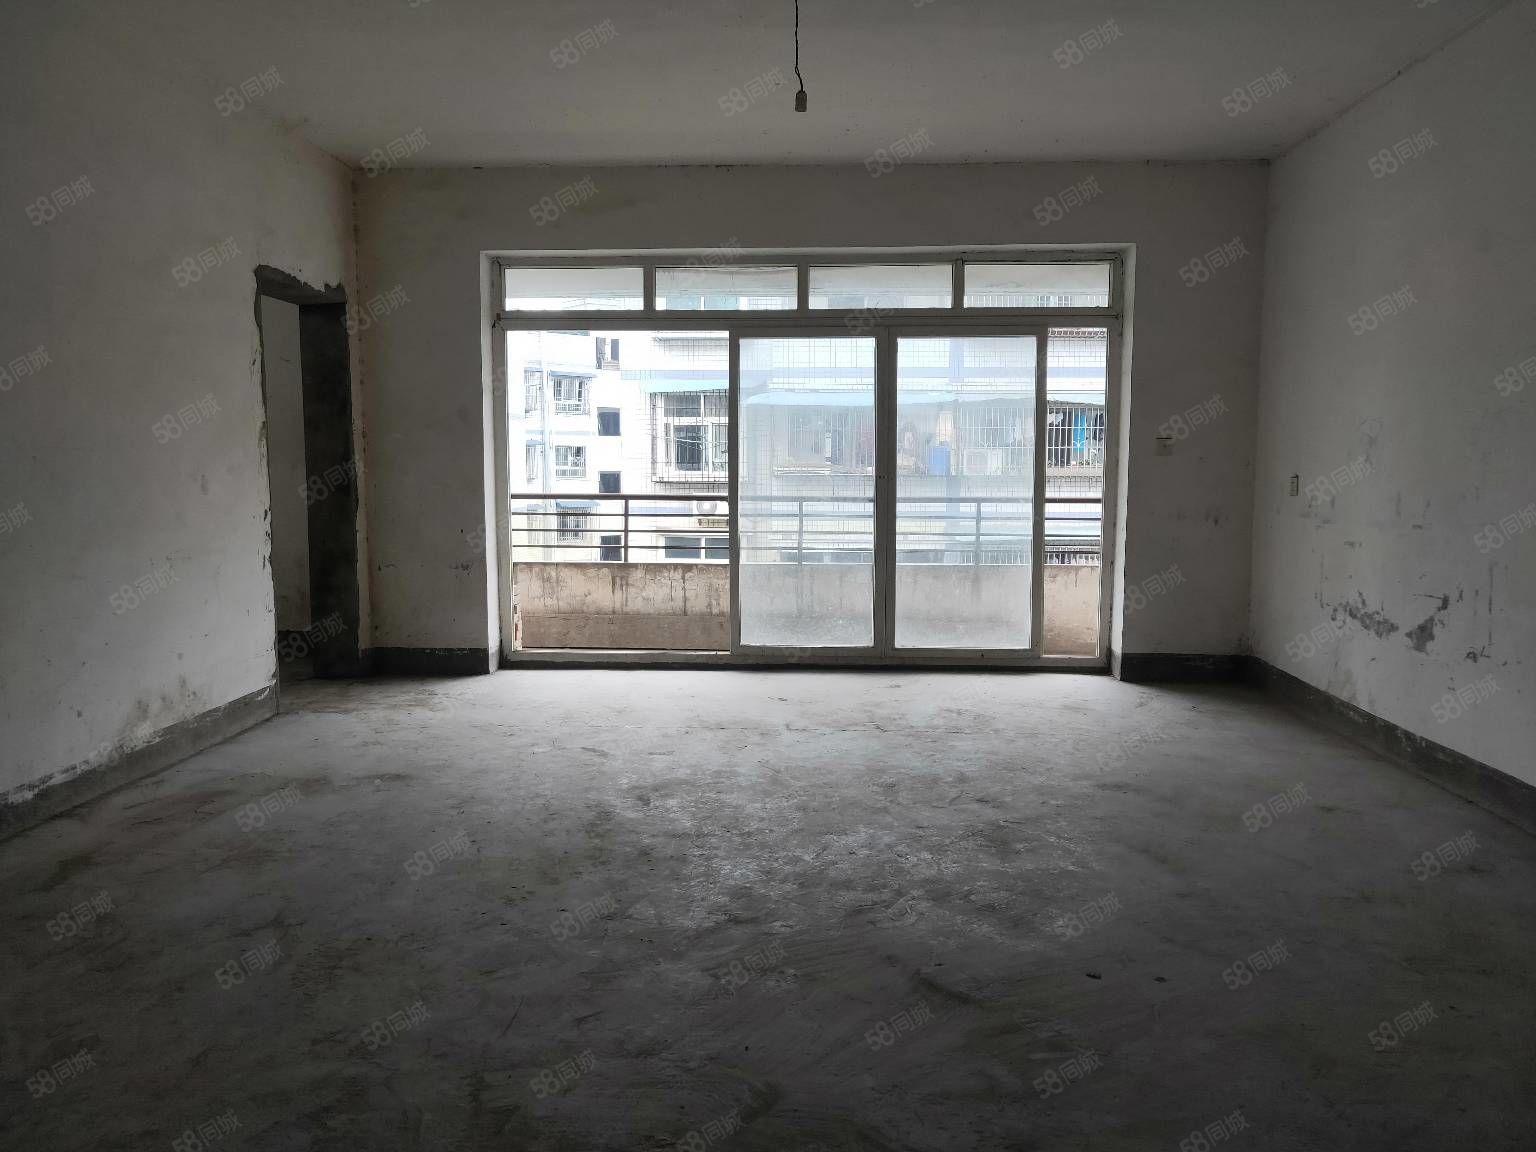 吉旺108車站旁鄰近輕軌站六旗樂園大三房大客廳超大空間